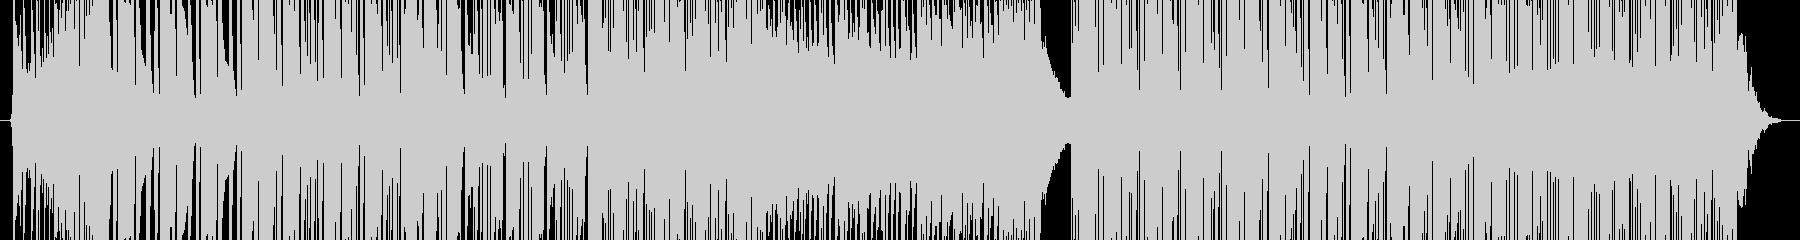 バックグラウンドアクショントラップの未再生の波形